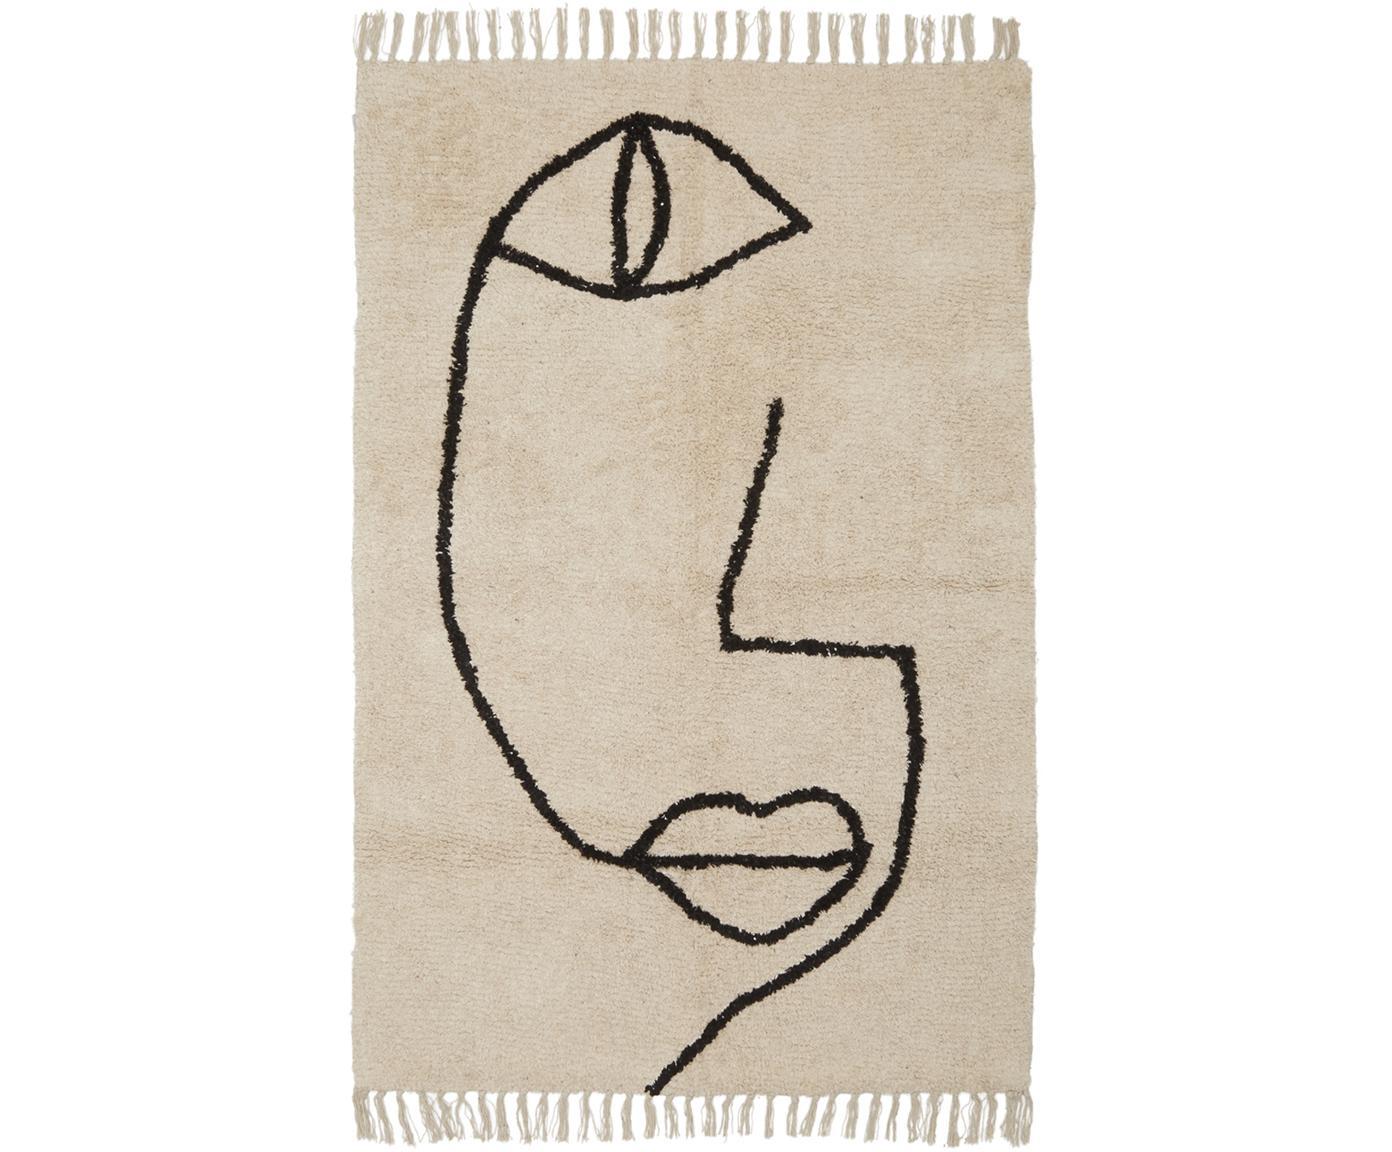 Teppich Open Eye mit abstrakter One Line Zeichnung, Beige, Schwarz, B 90 x L 150 cm (Grösse XS)